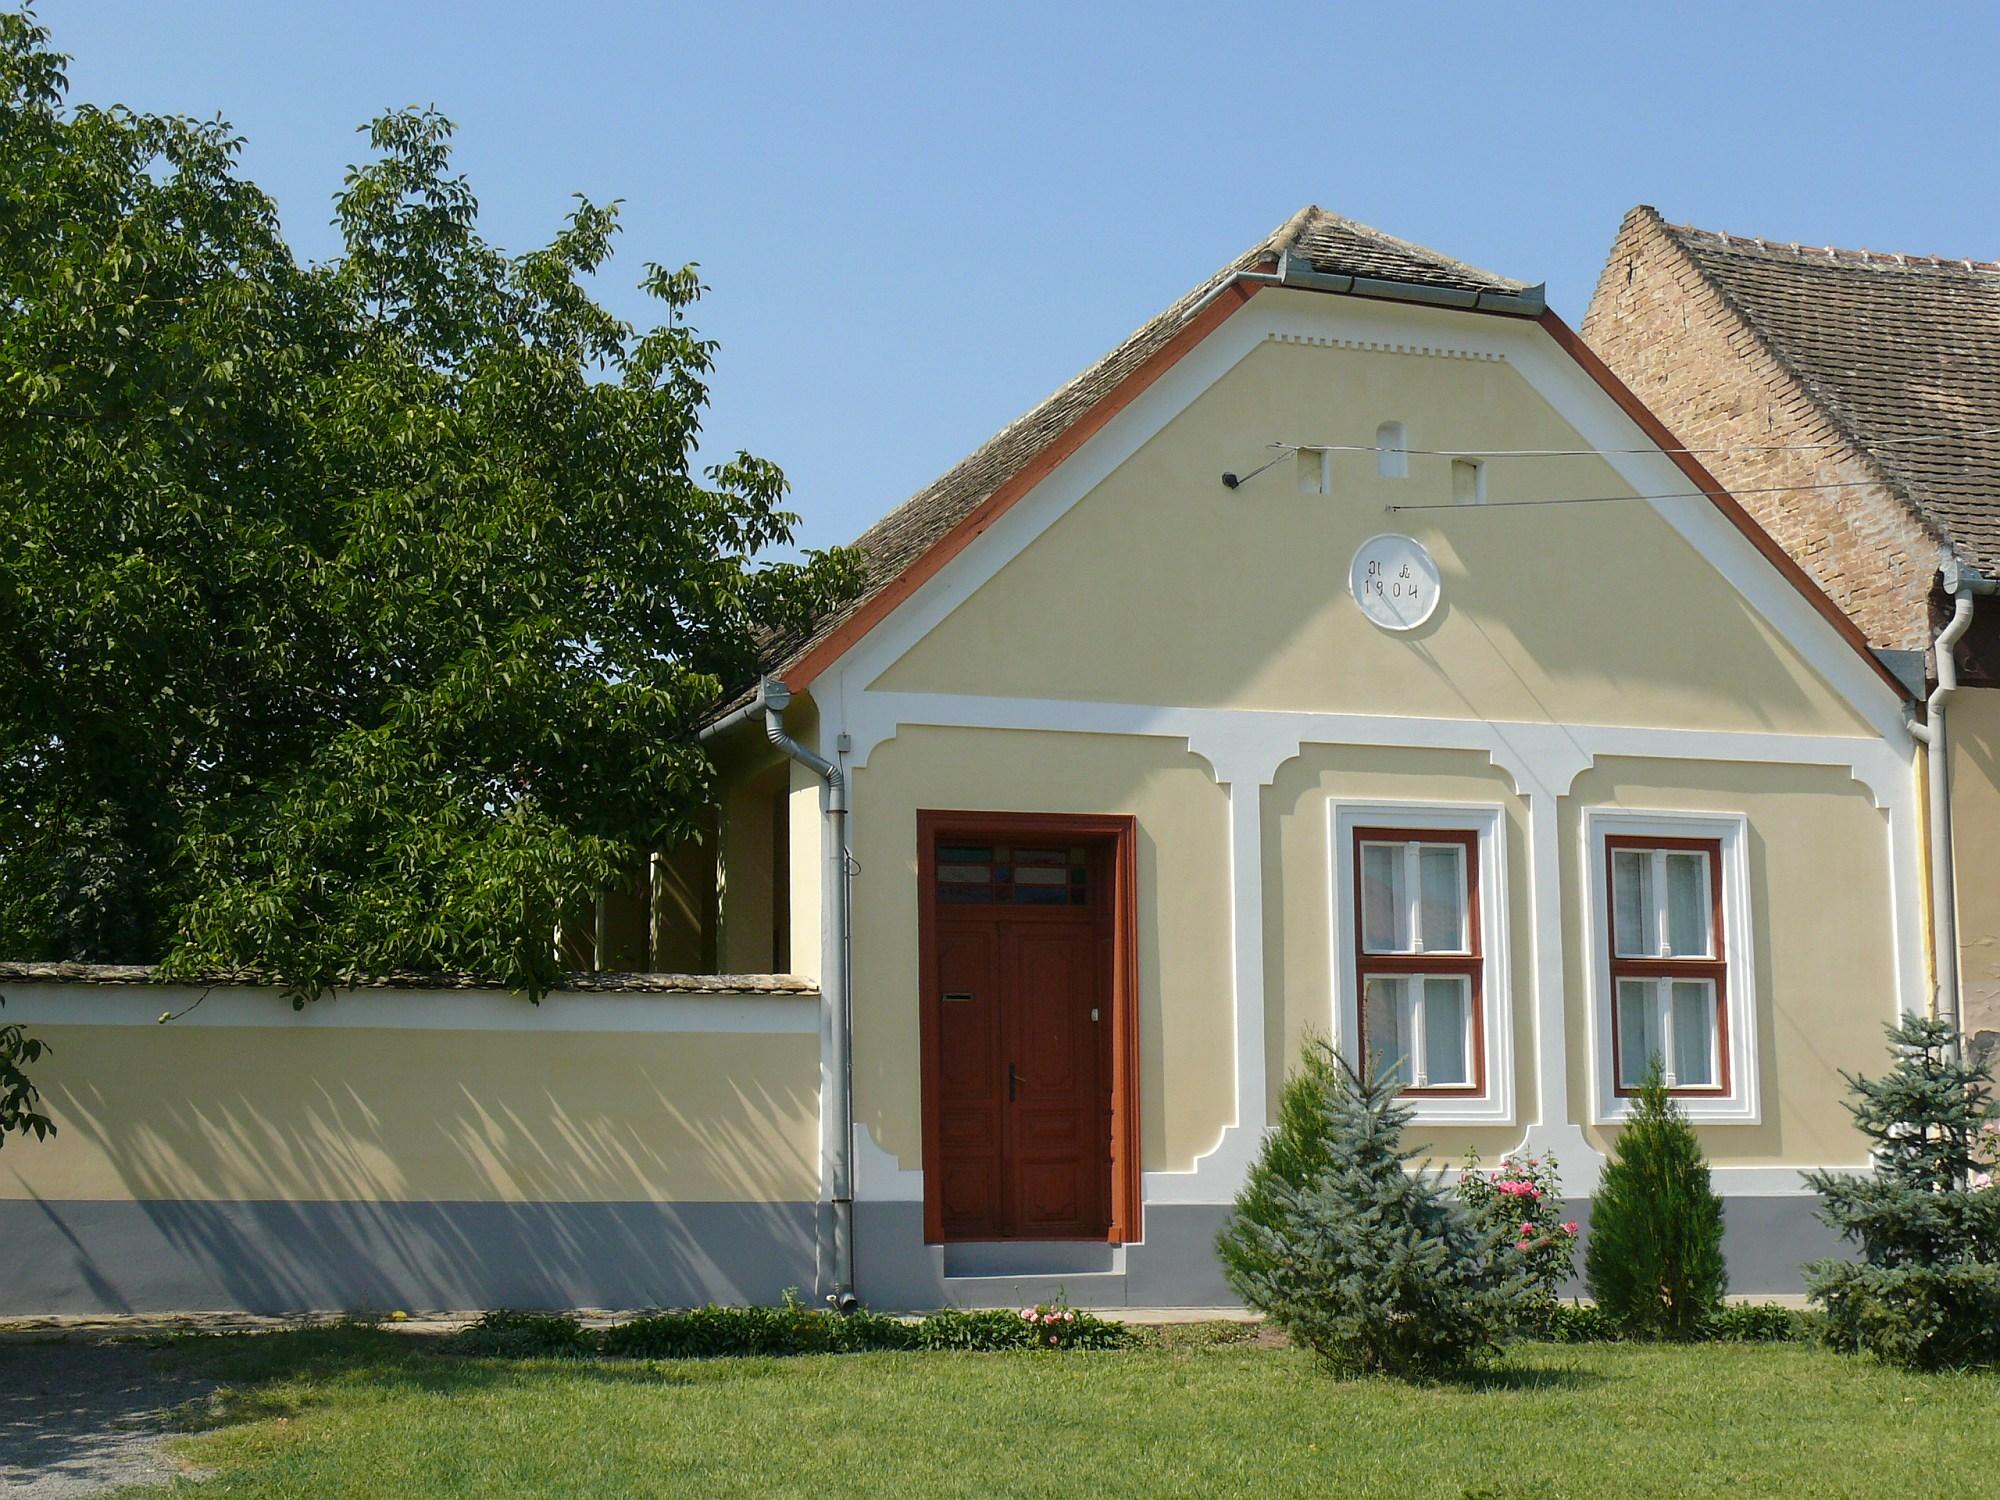 Eladó ház Kecskeméten kedvező áron